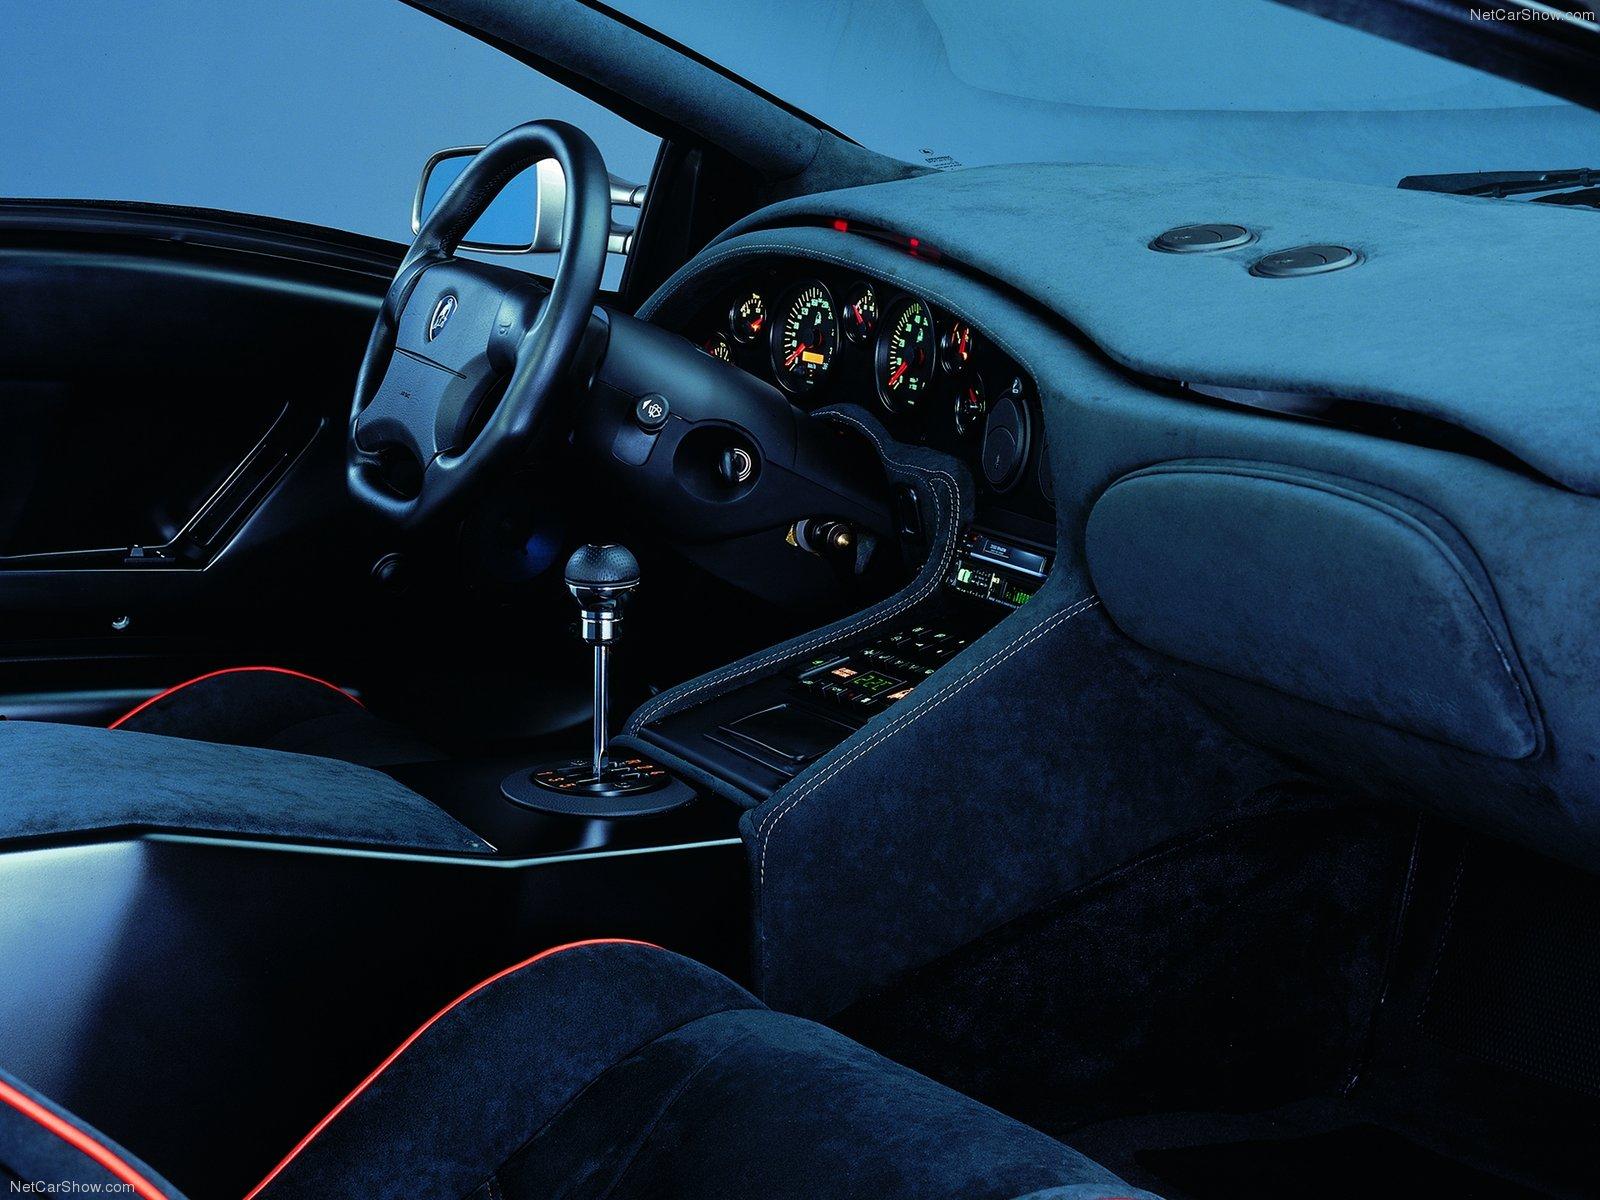 Hình ảnh siêu xe Lamborghini Diablo SV 1996 & nội ngoại thất